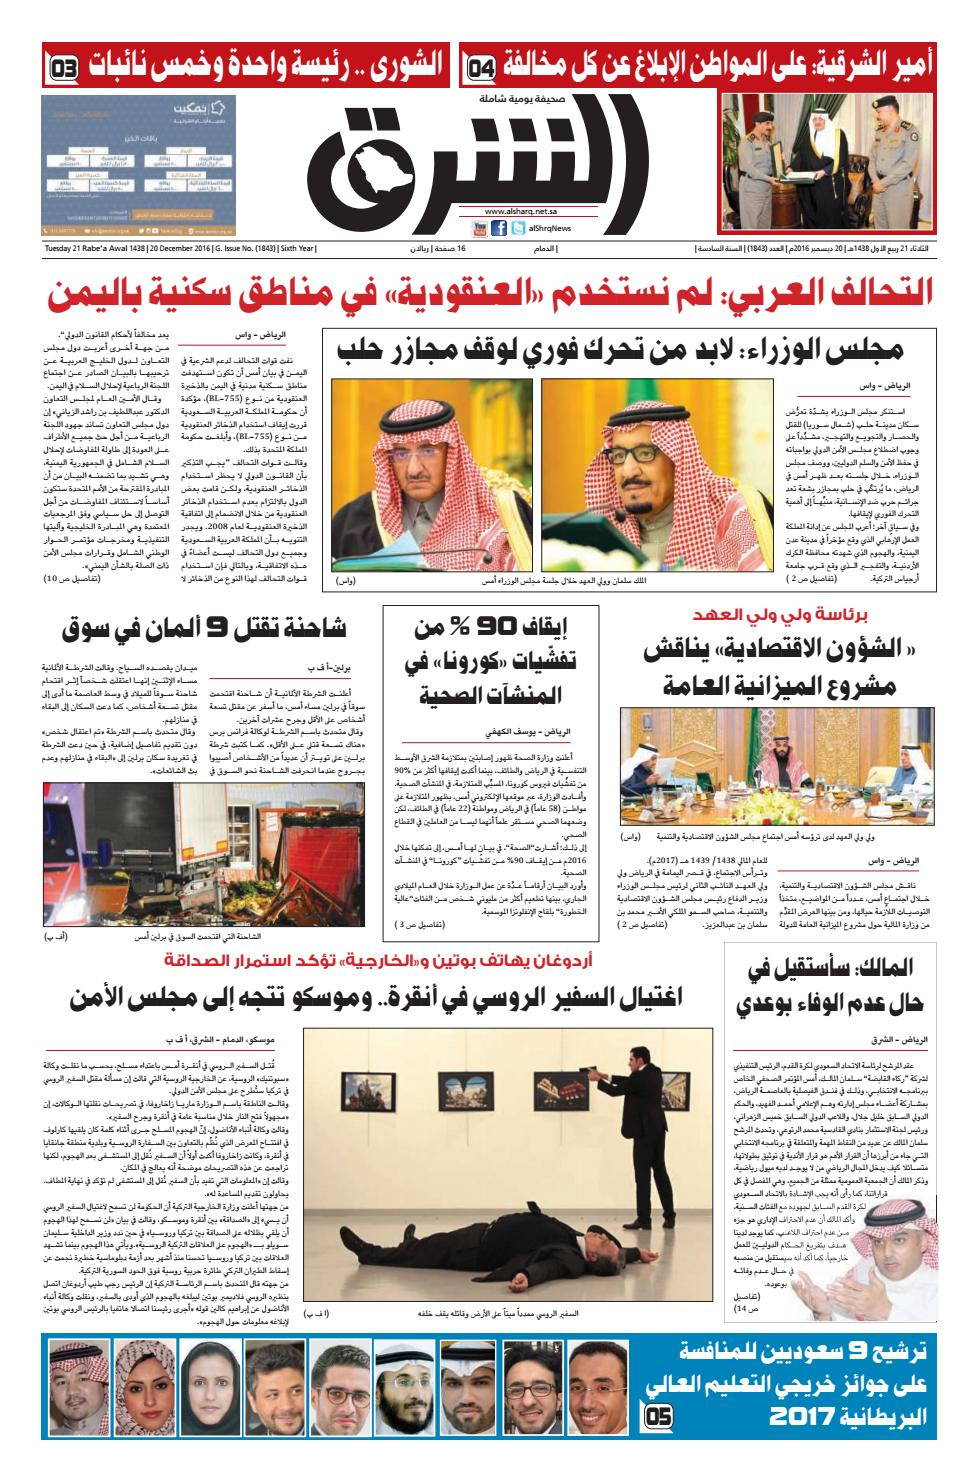 d3c14b1b8 صحيفة الشرق - العدد 1843 - نسخة الدمام by صحيفة الشرق السعودية - issuu